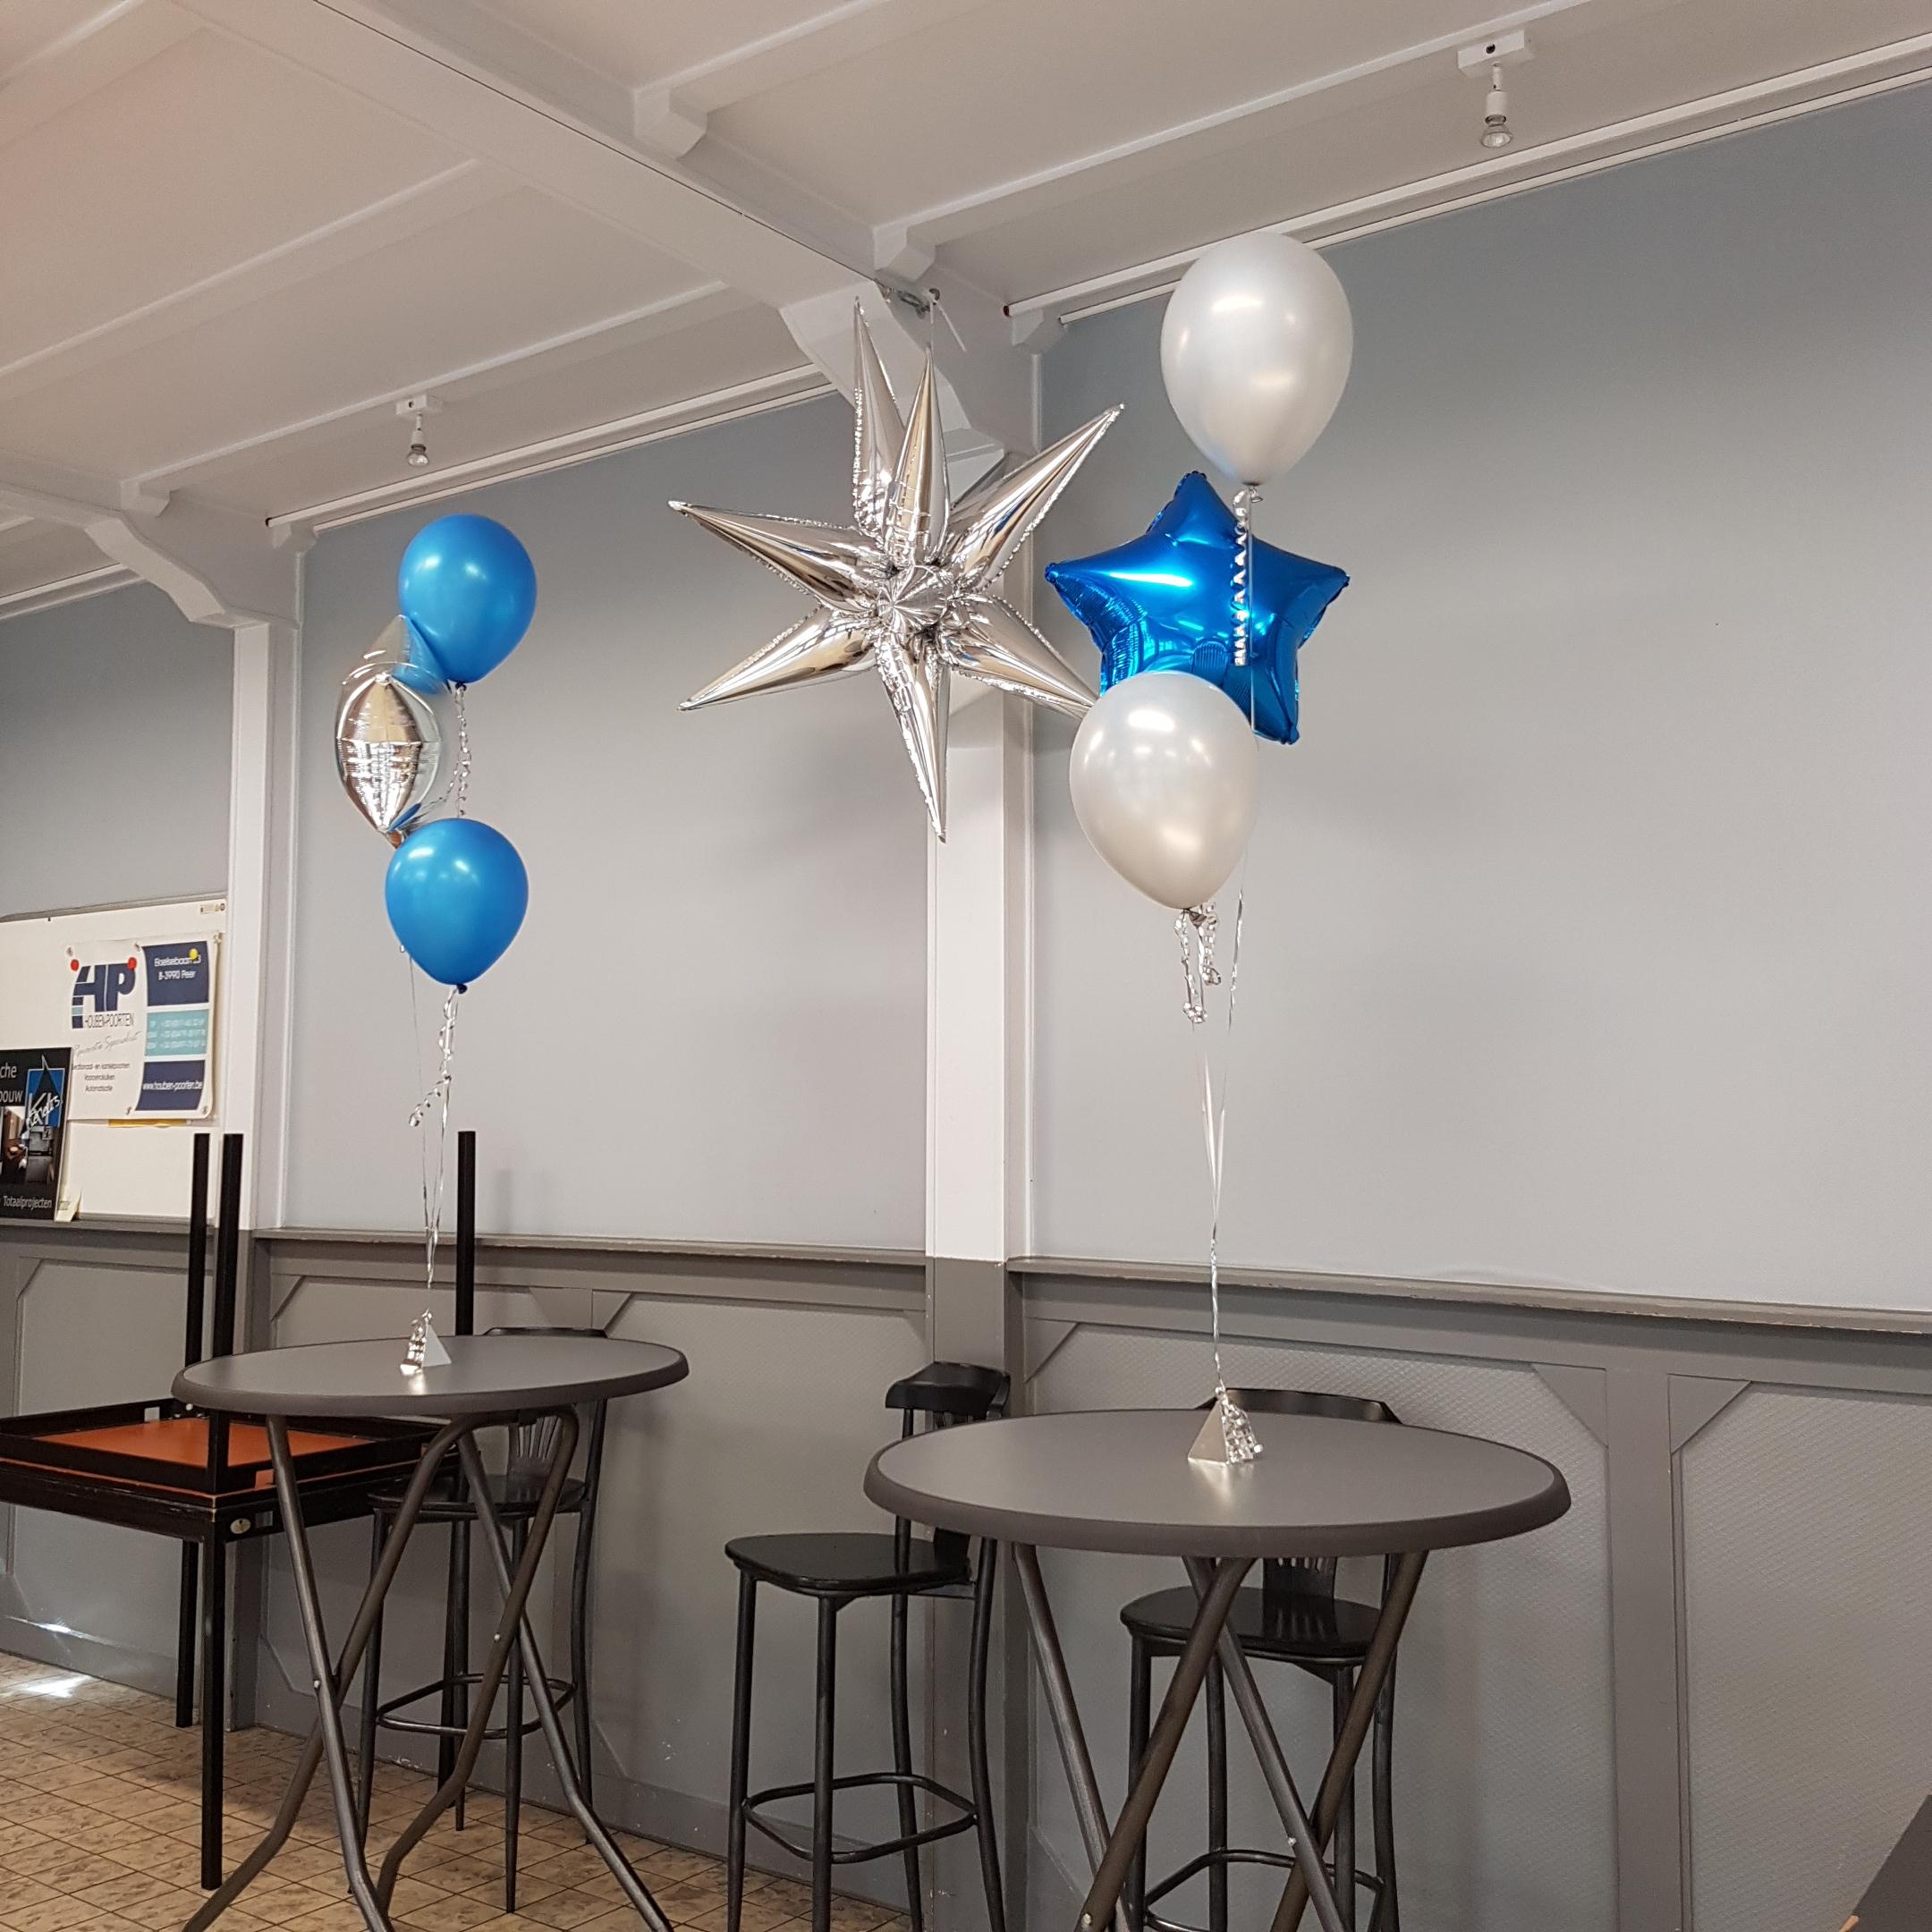 Heliumballonnen ballontrossen gronddecoratie vloerdecoratie tafeldecoratie ceremonie Balloon Styling Tilburg